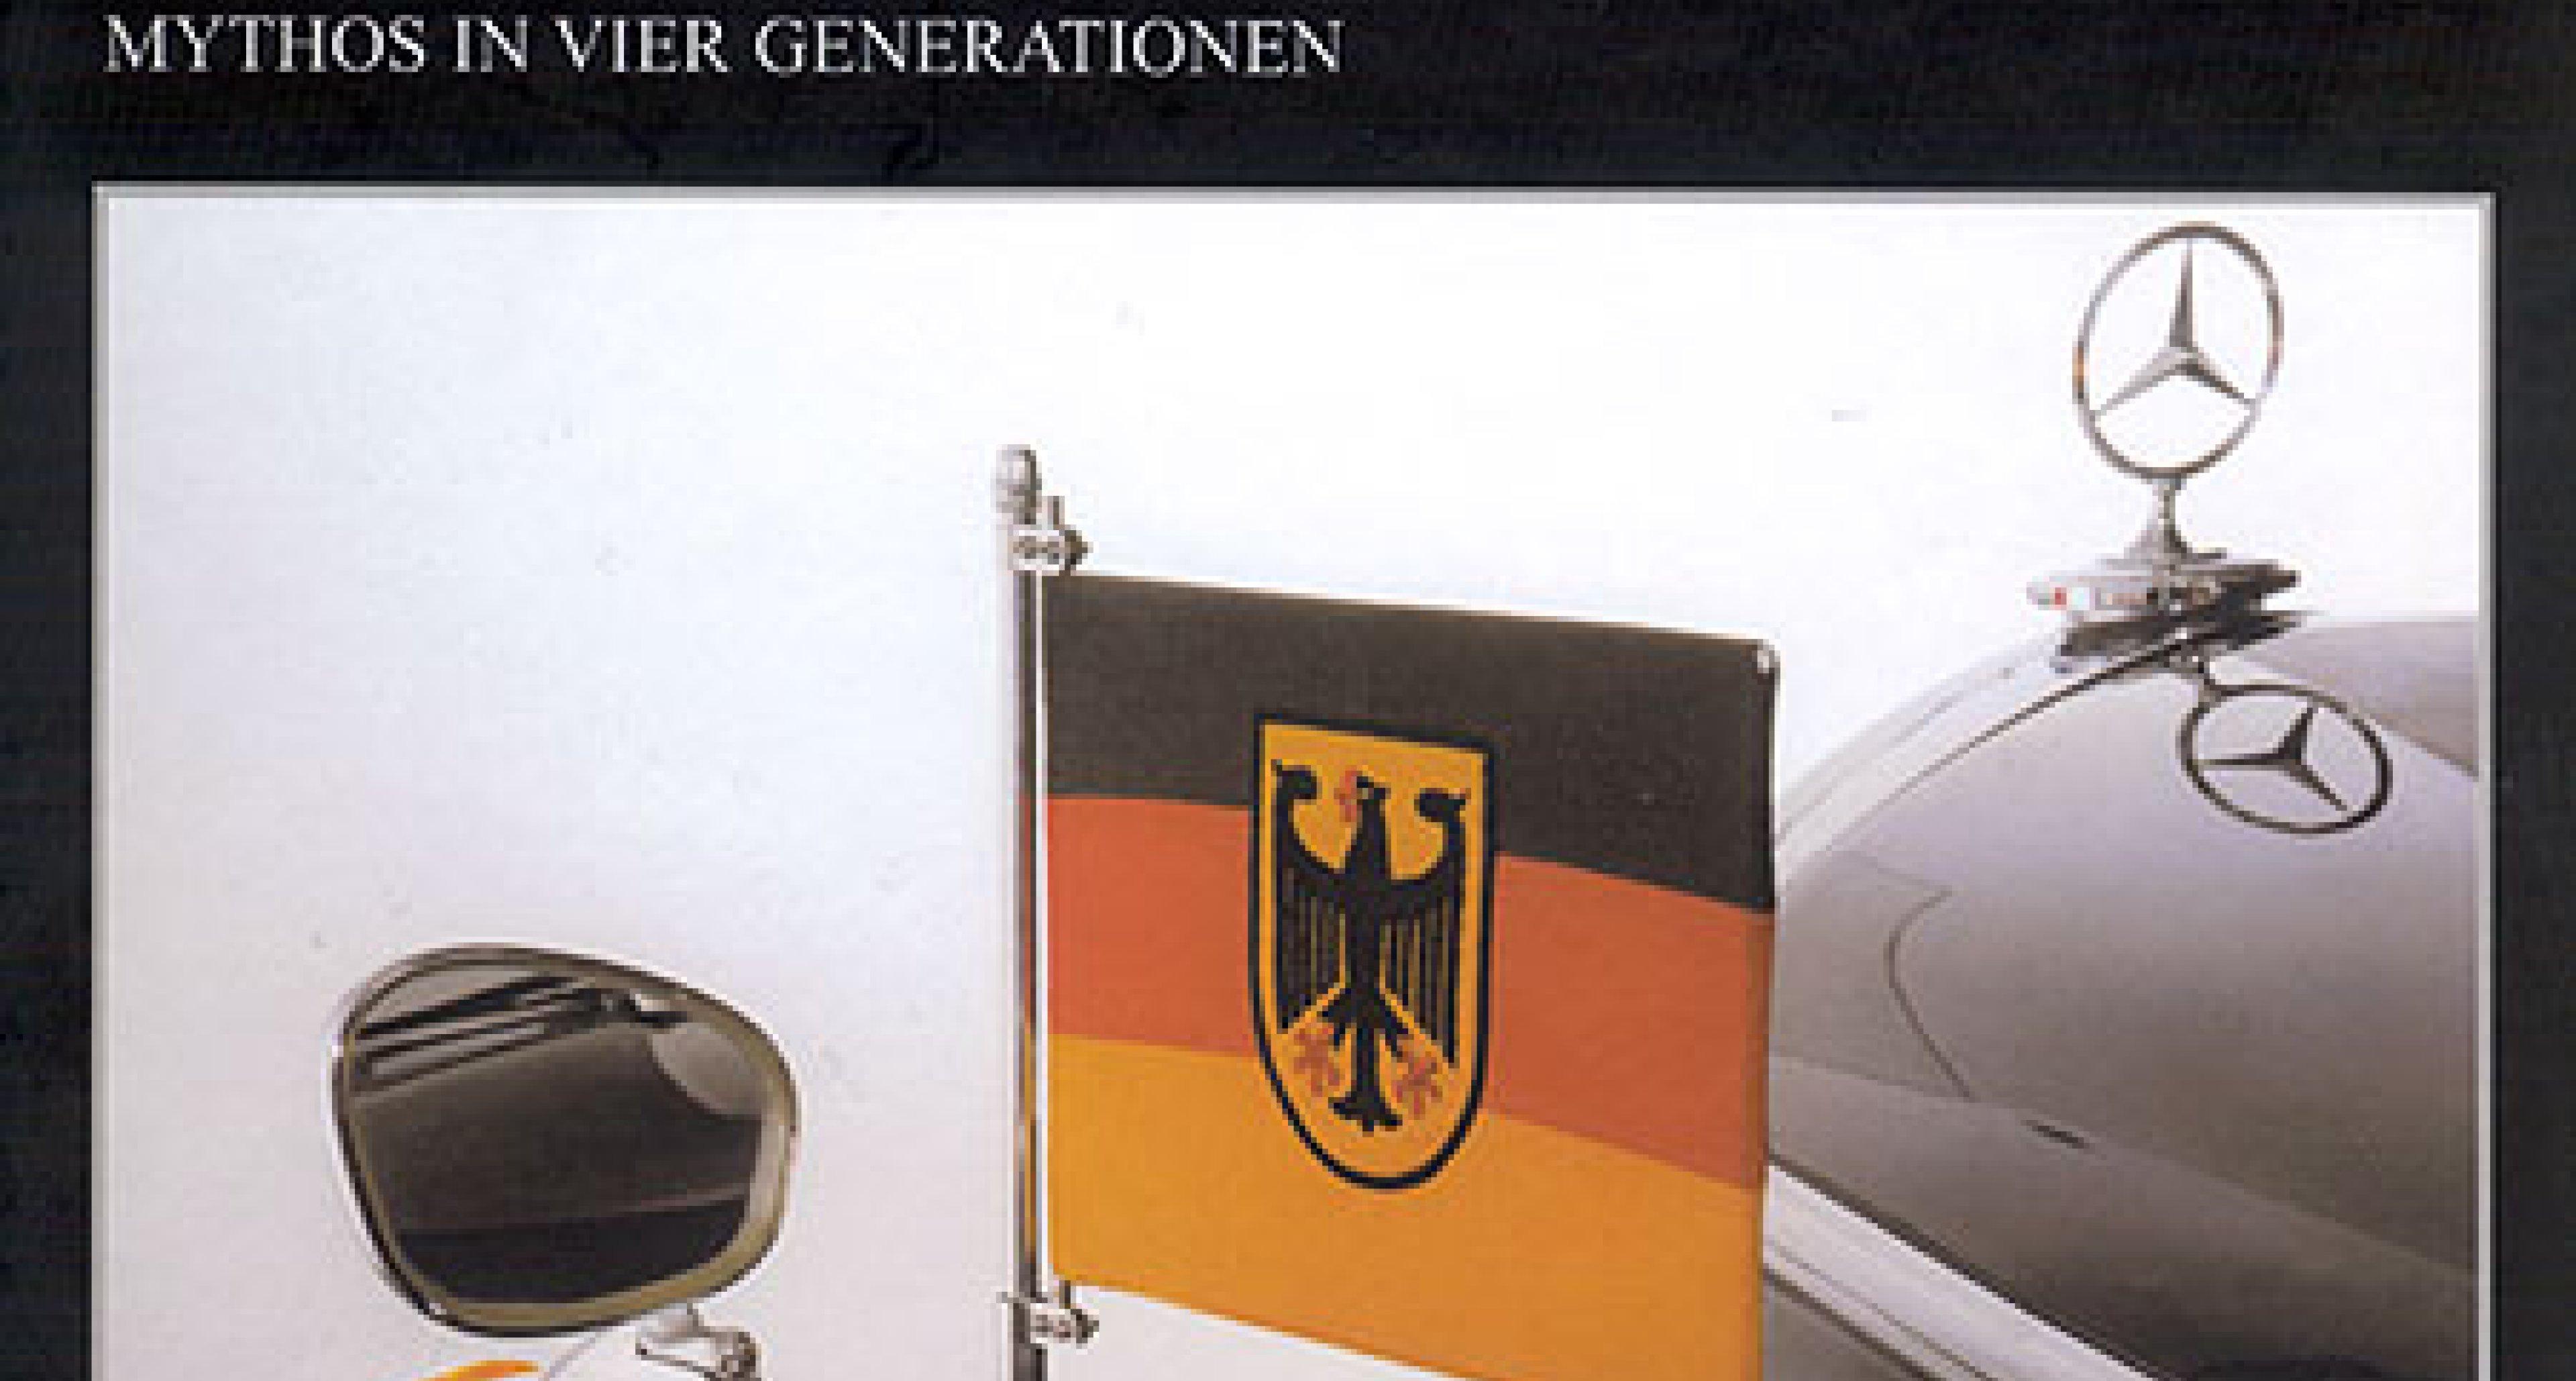 Mercedes-Benz 300: Mythos in vier Generationen